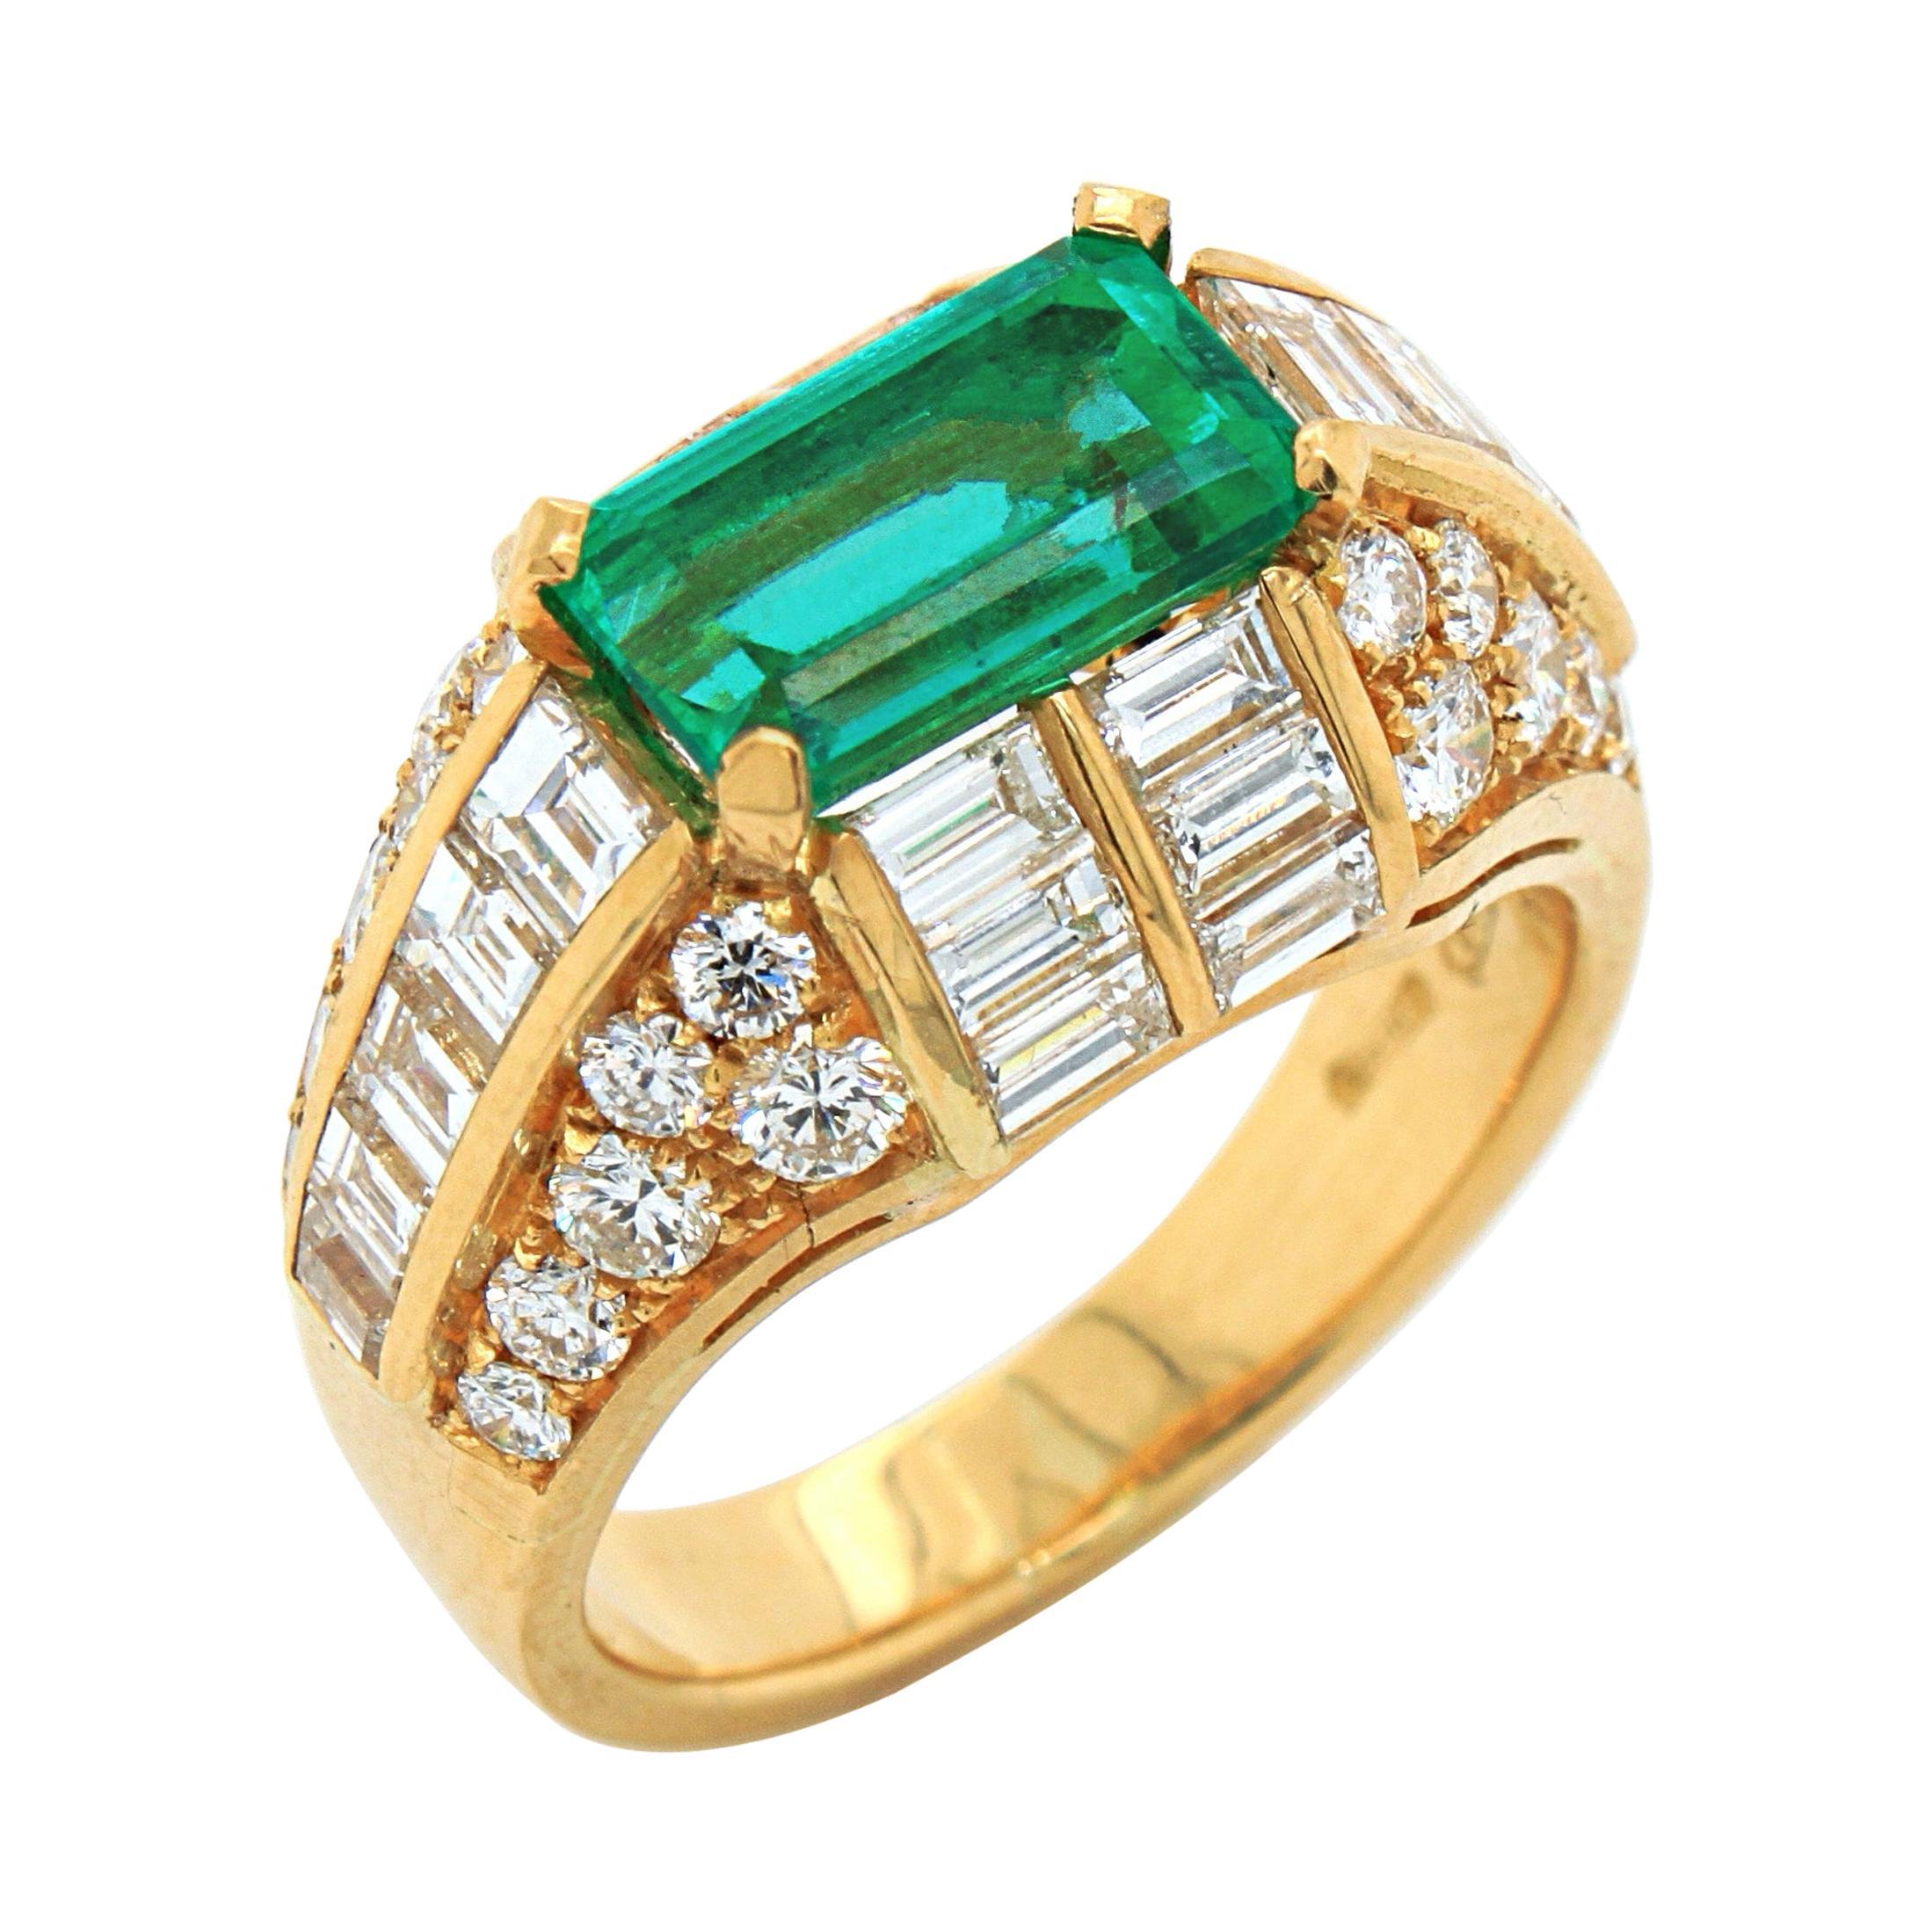 Bulgari Emerald and Diamond Trombino Ring, ca. 1970s